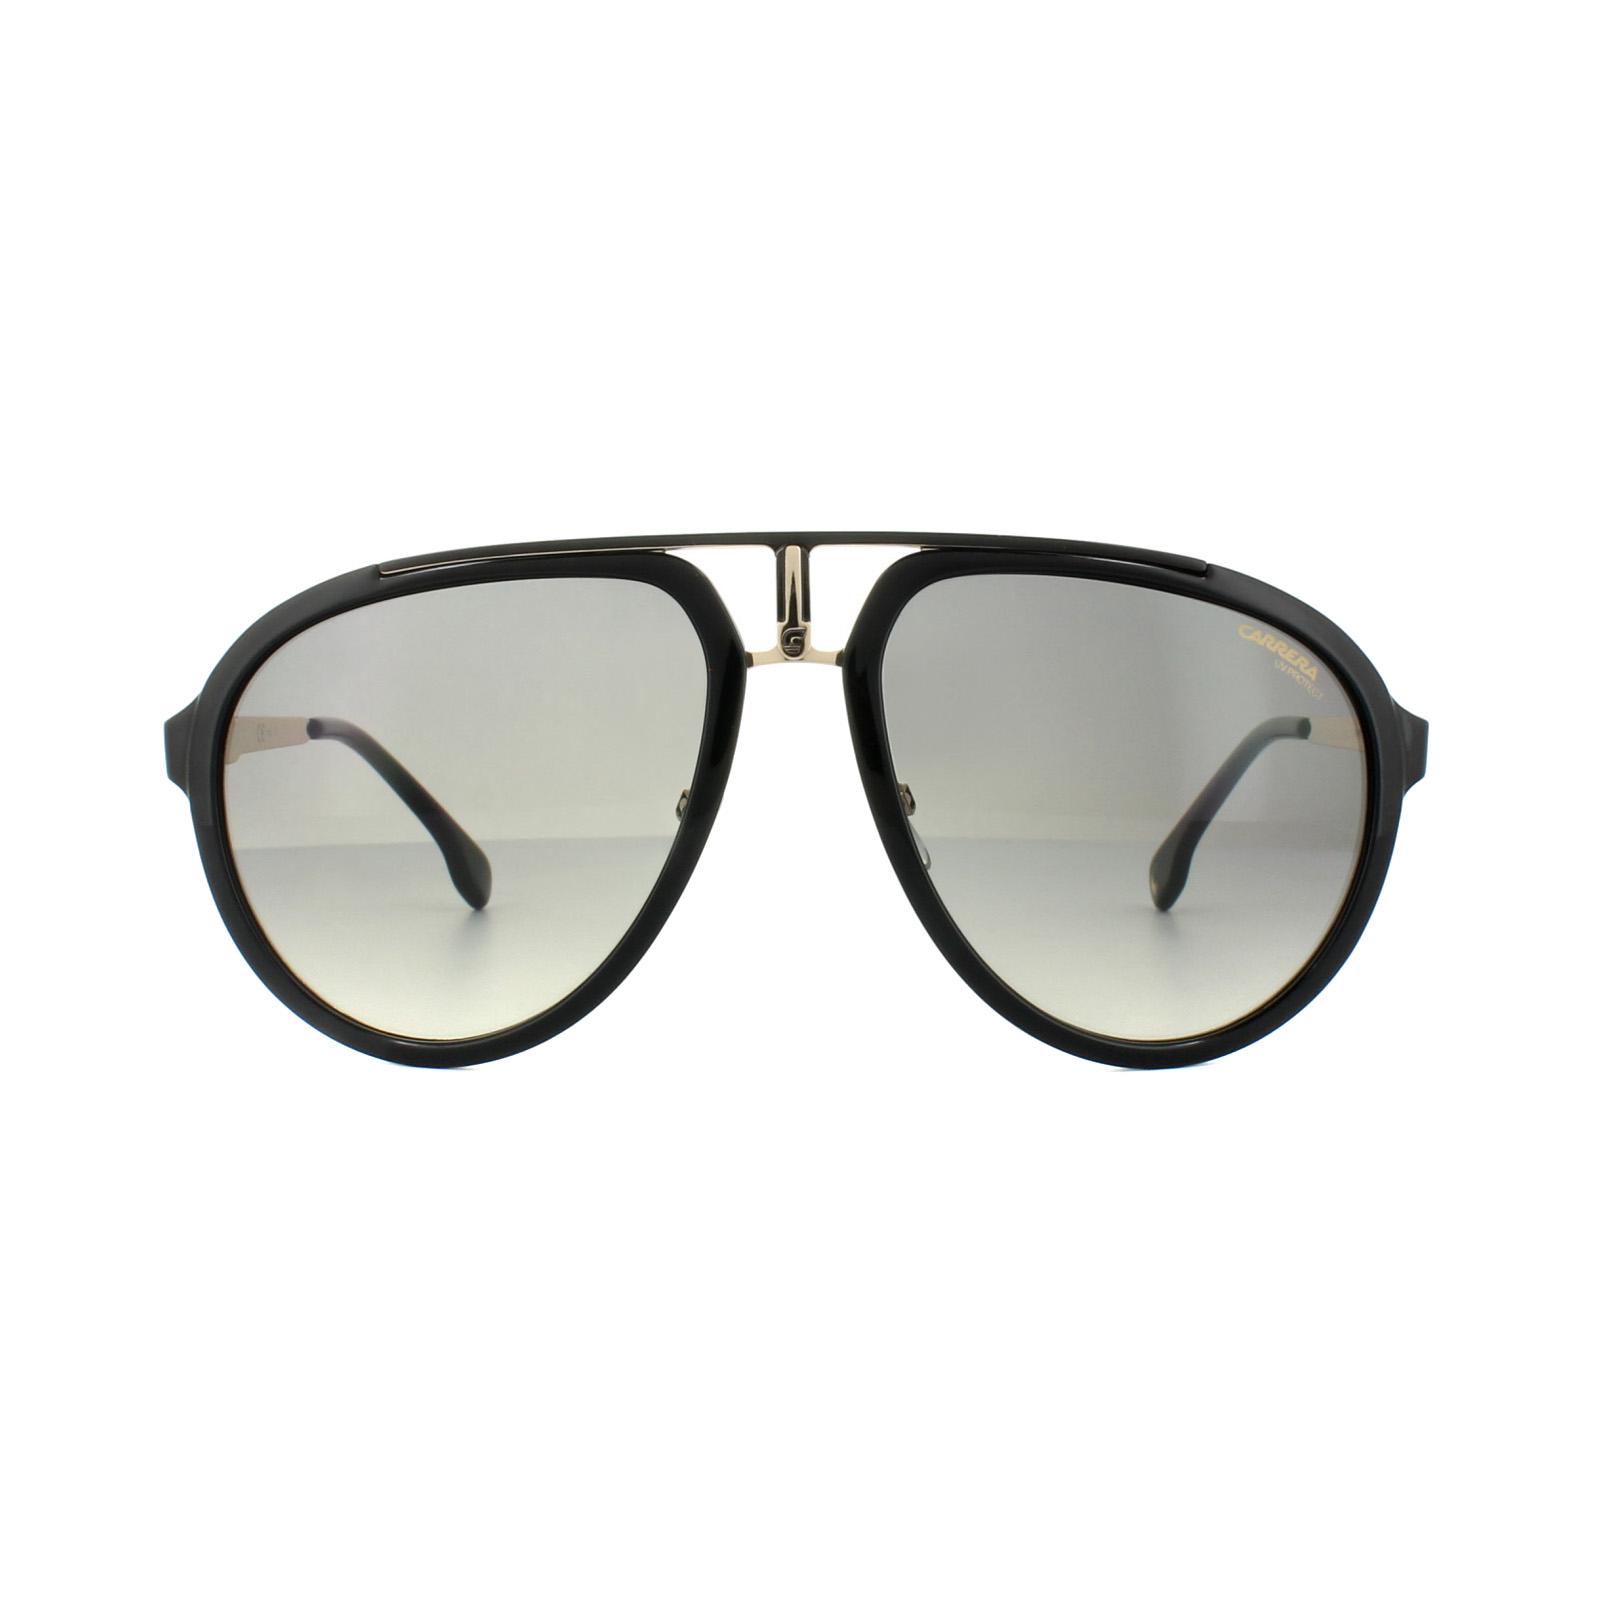 Carrera 1003/S 807 pr Sonnenbrille wTcon